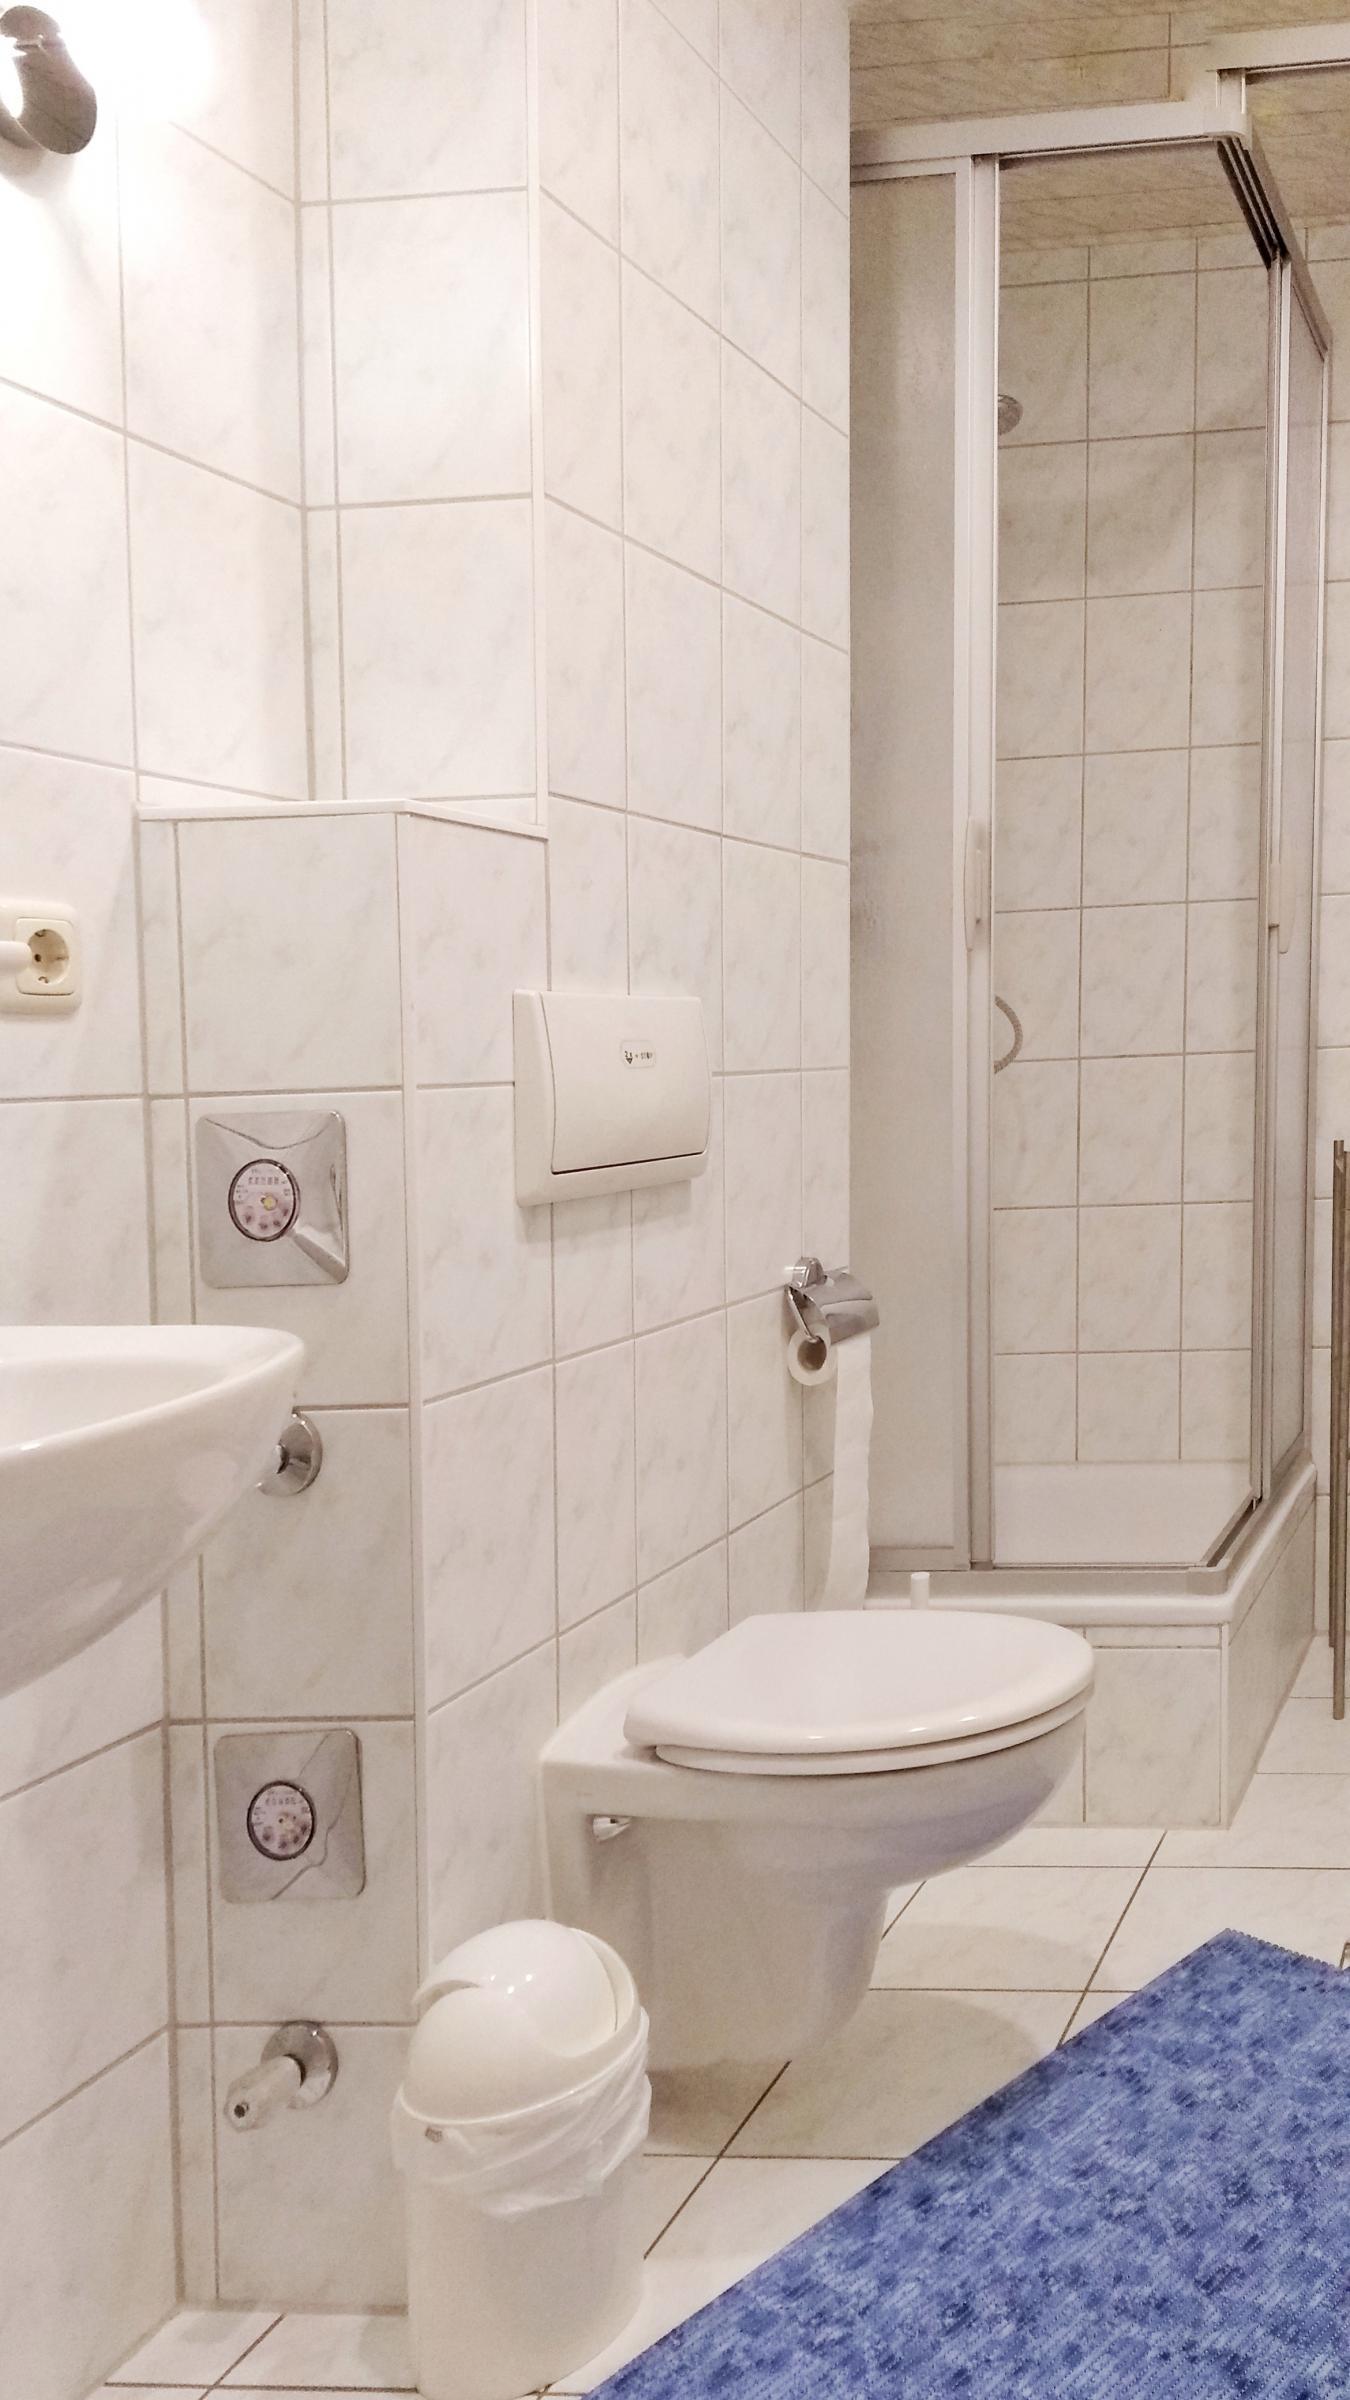 Dusche / WC in hellen Fliesen und hellem LED-Licht.